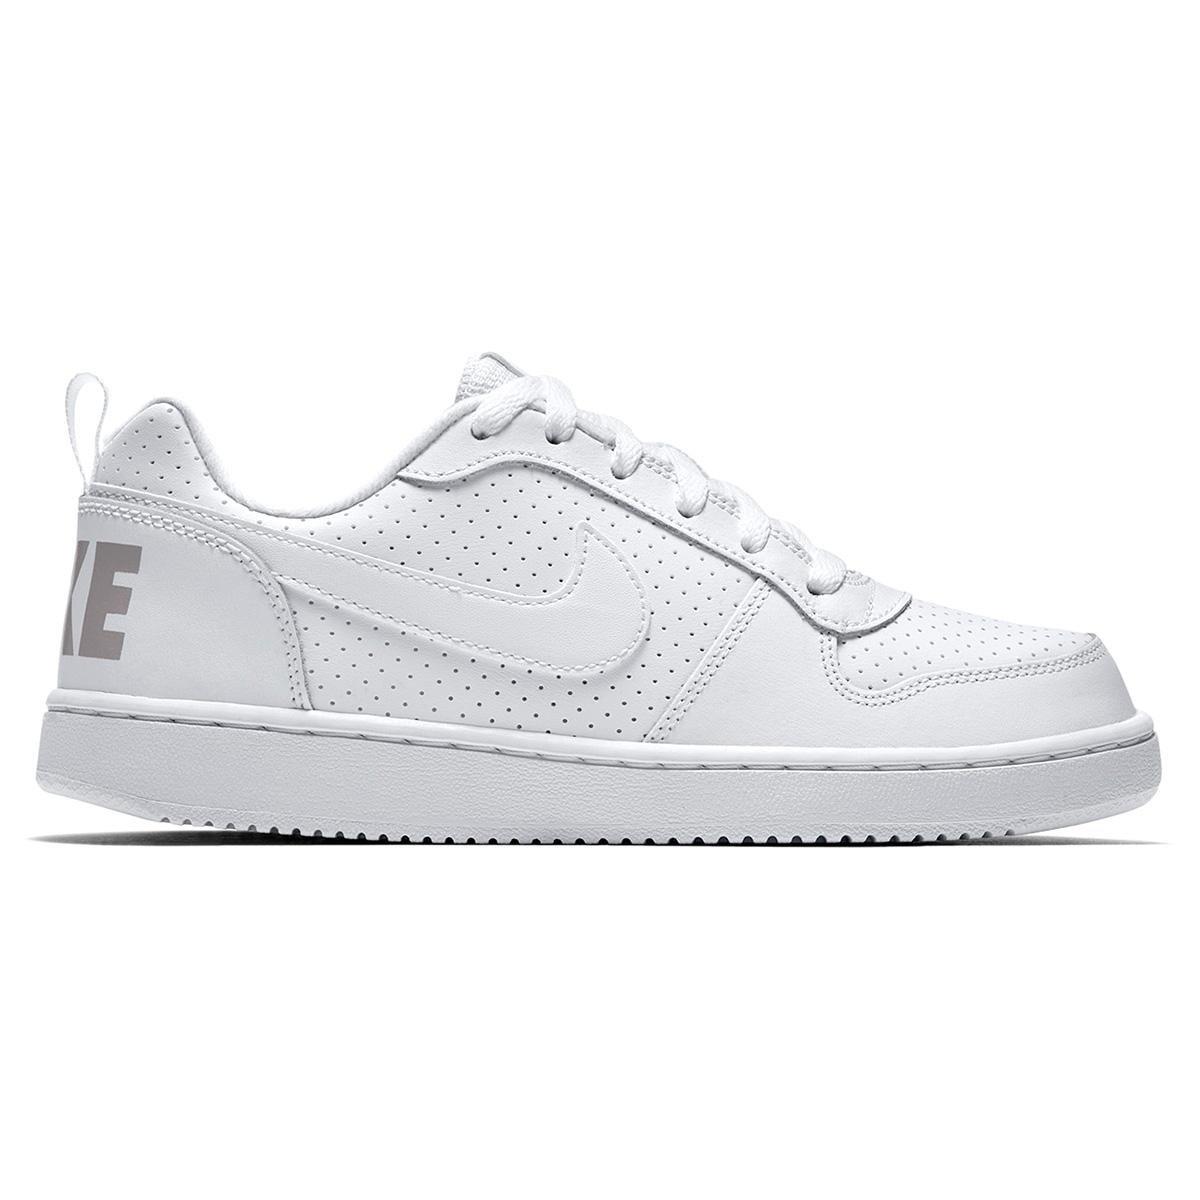 2b64f6aa9a6 Tênis Infantil Nike Court Borough Low - Branco - Compre Agora